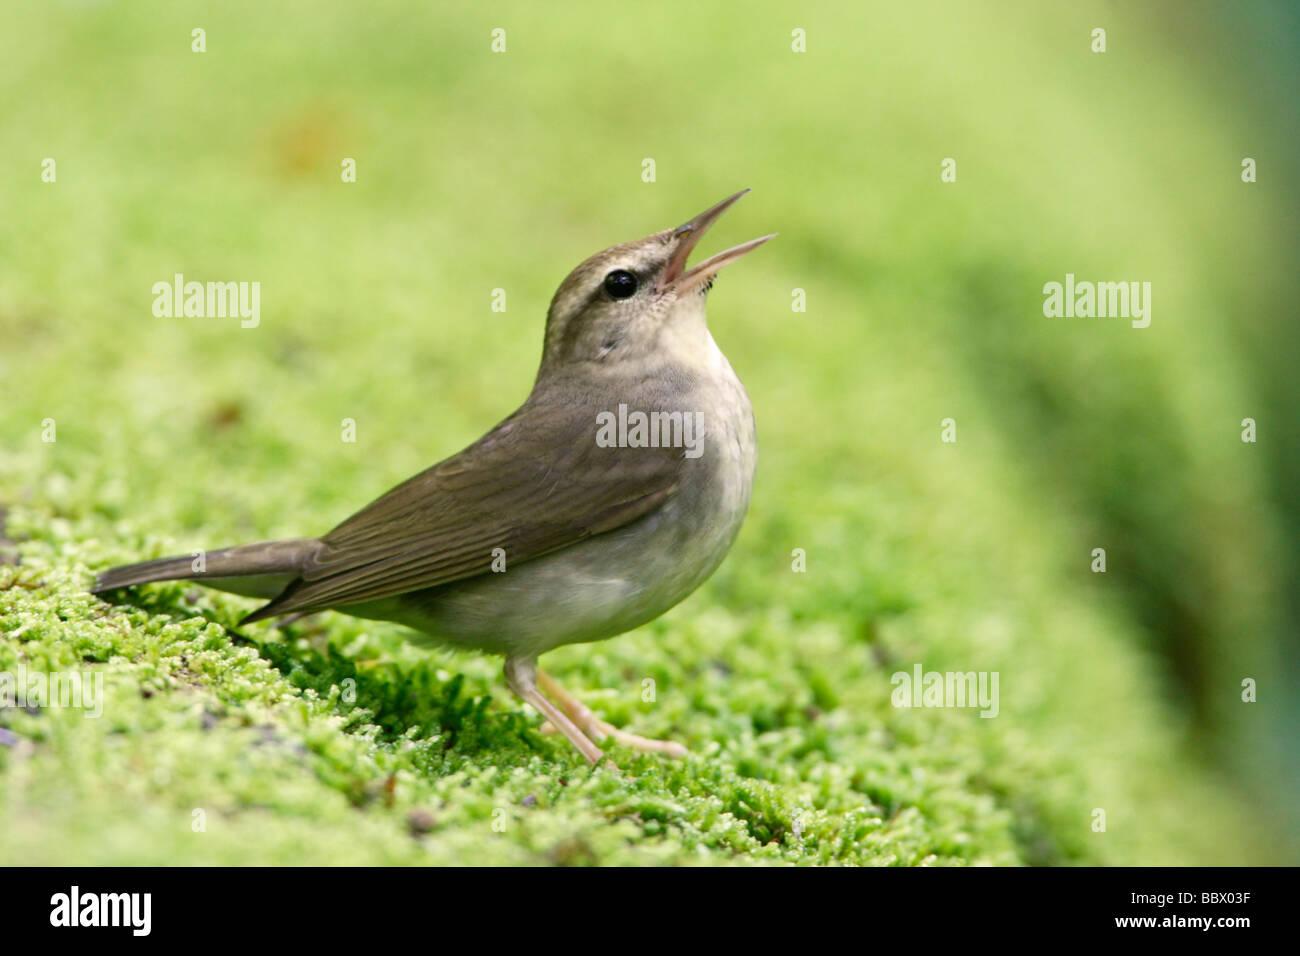 Swainsons Warbler singing - Stock Image